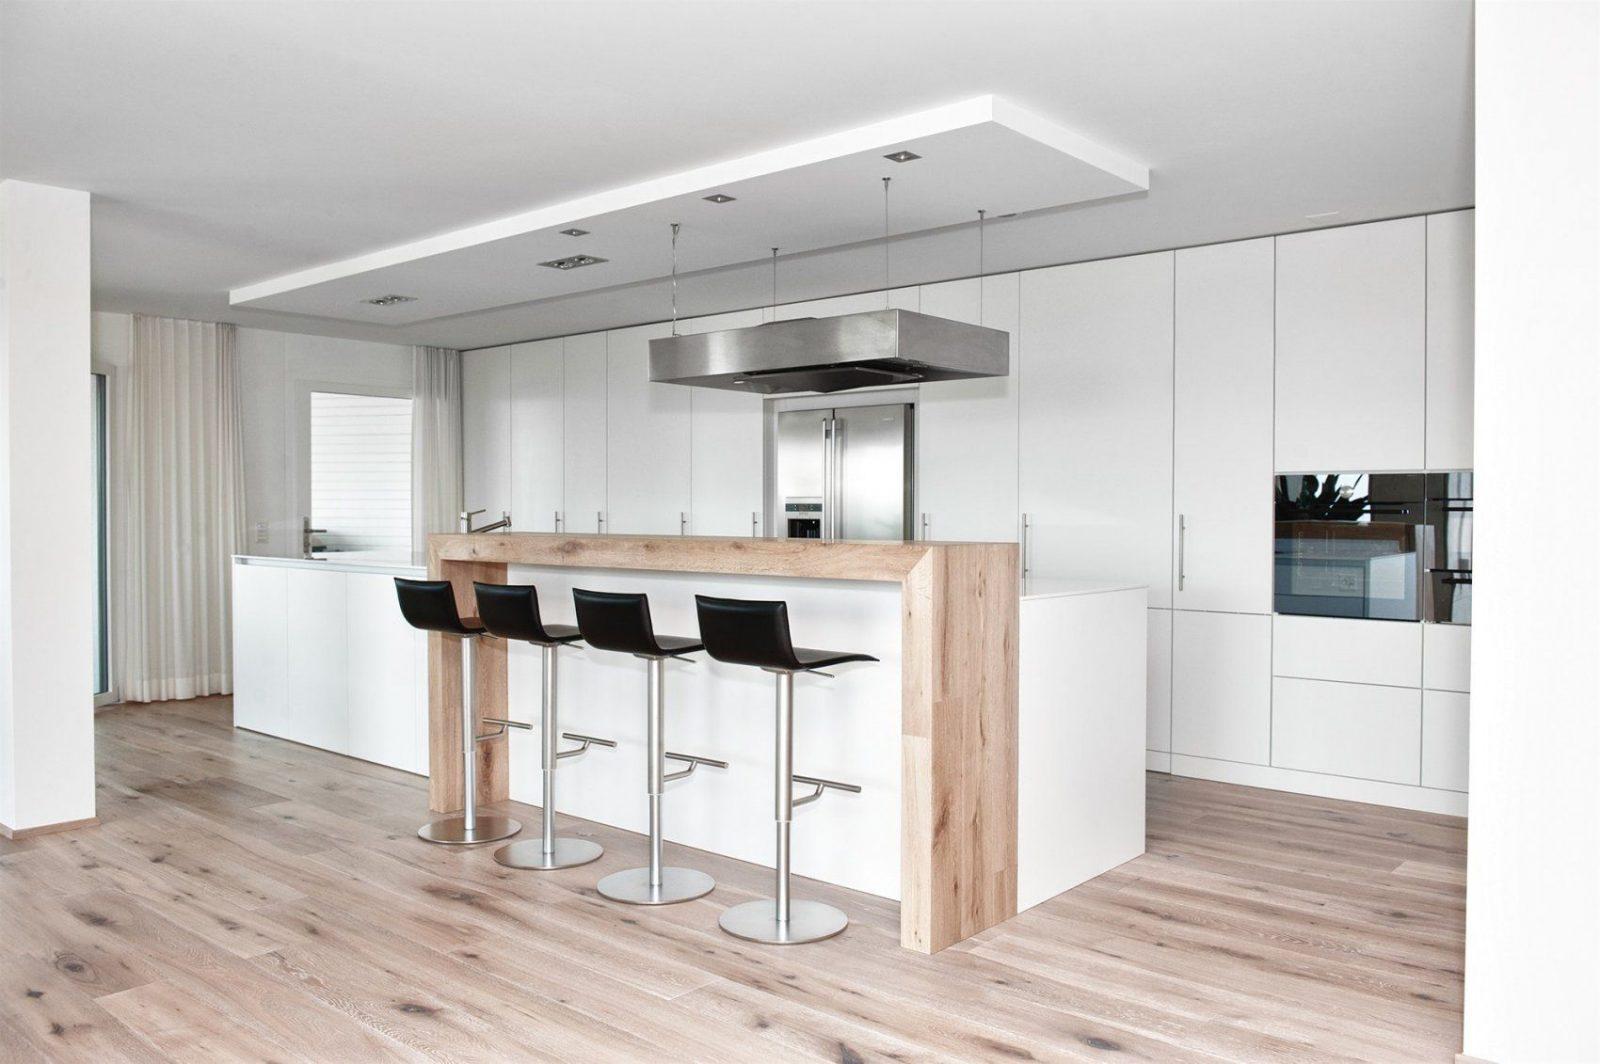 Andere Und Kuche Nolte Küchen Mit Kochinsel Theke Moderne Insel On von Nolte Küchen Mit Kochinsel Und Theke Photo